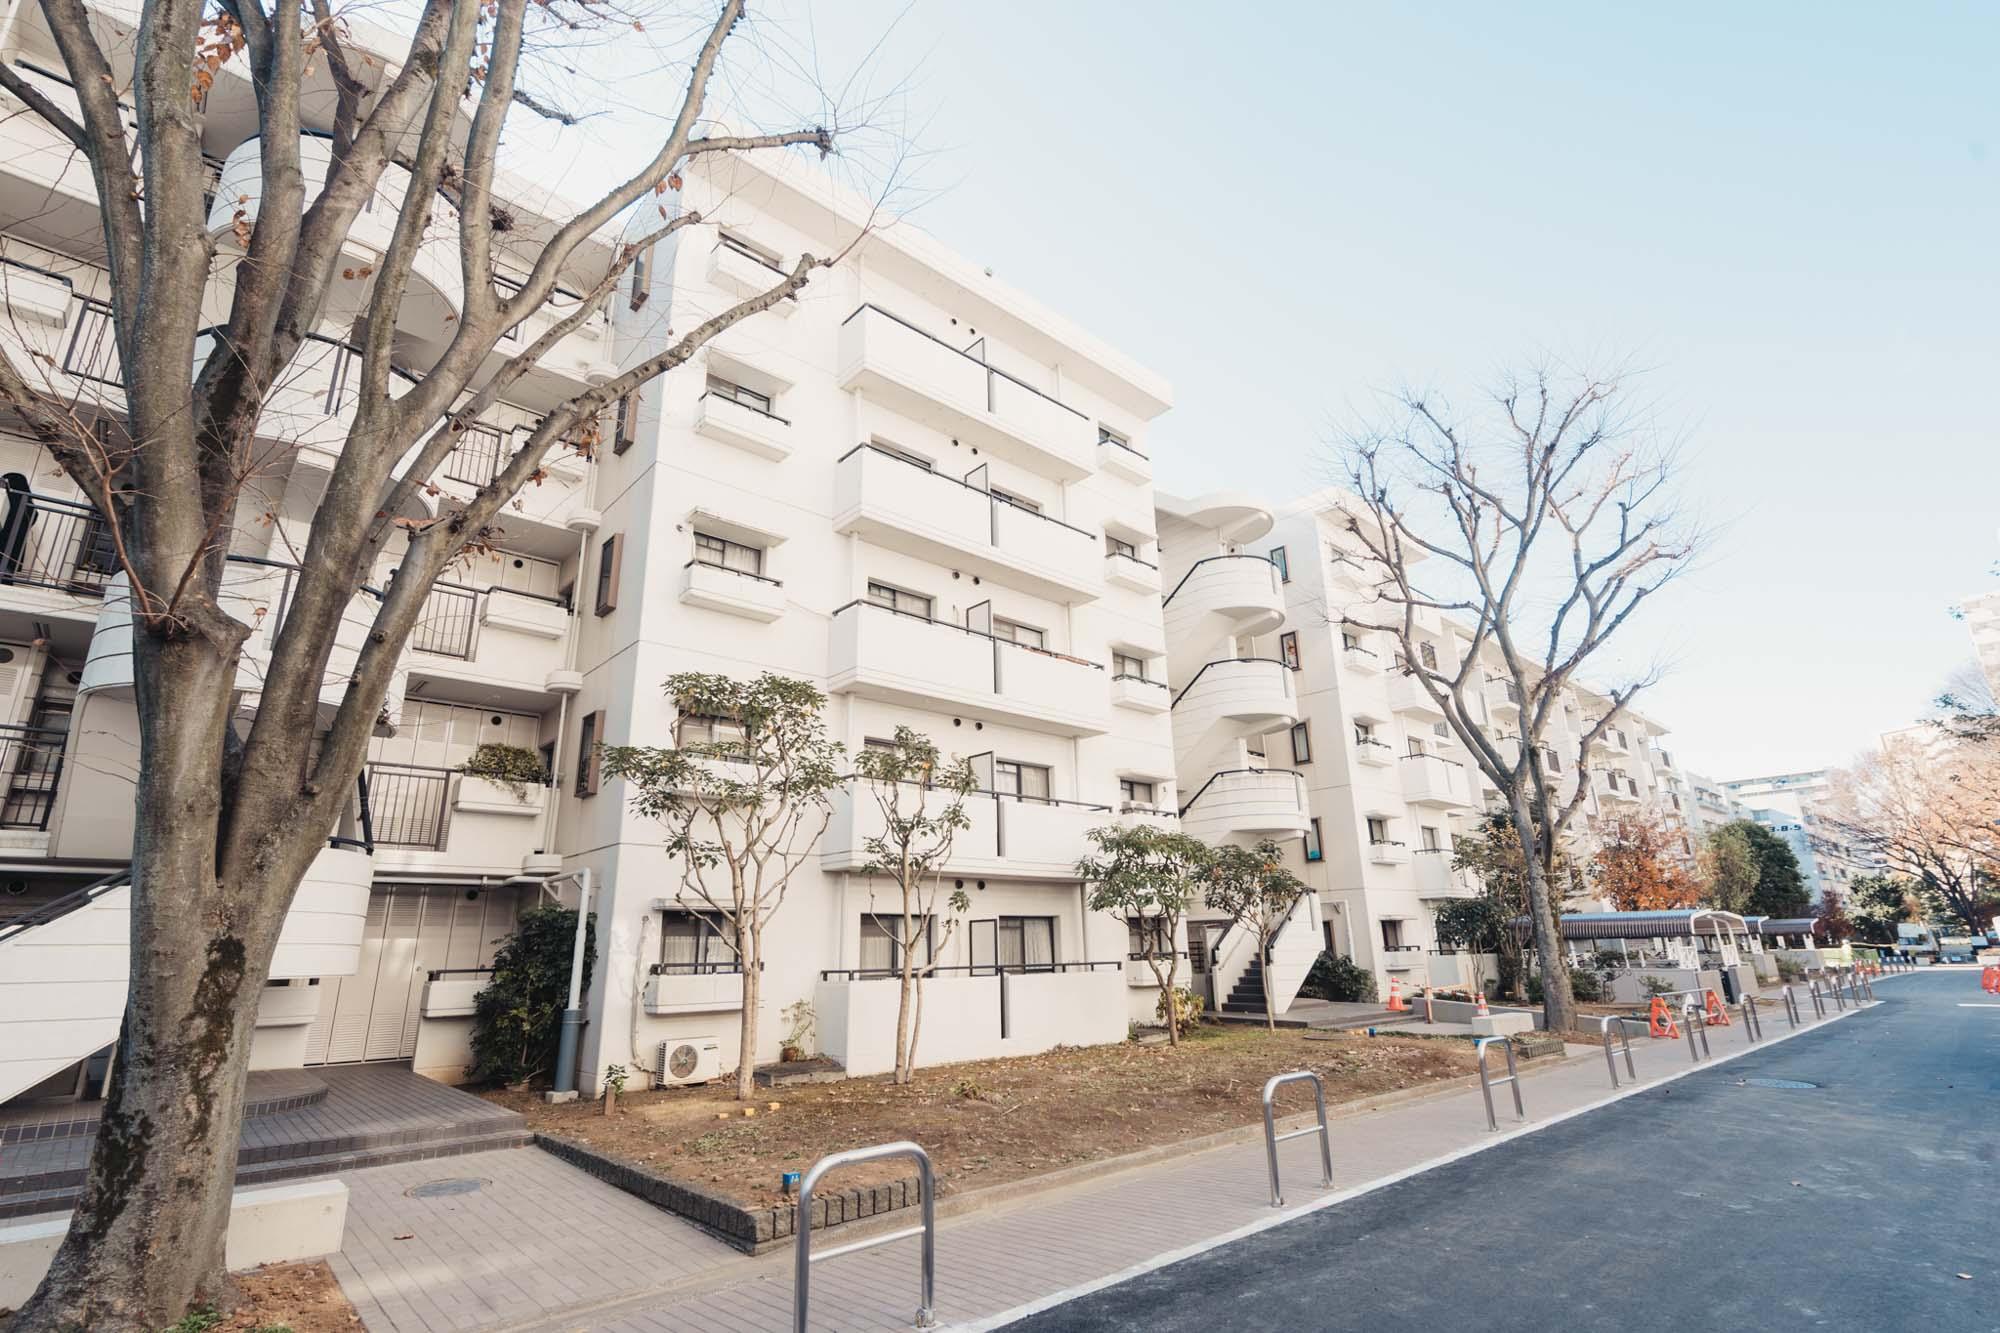 リノベーション住戸があるのは「光が丘パークタウン いちょう通り八番街」。14階建てと5階建ての住棟がゆとりある空間に並び、木々や公園に囲まれた落ち着いたエリアです。